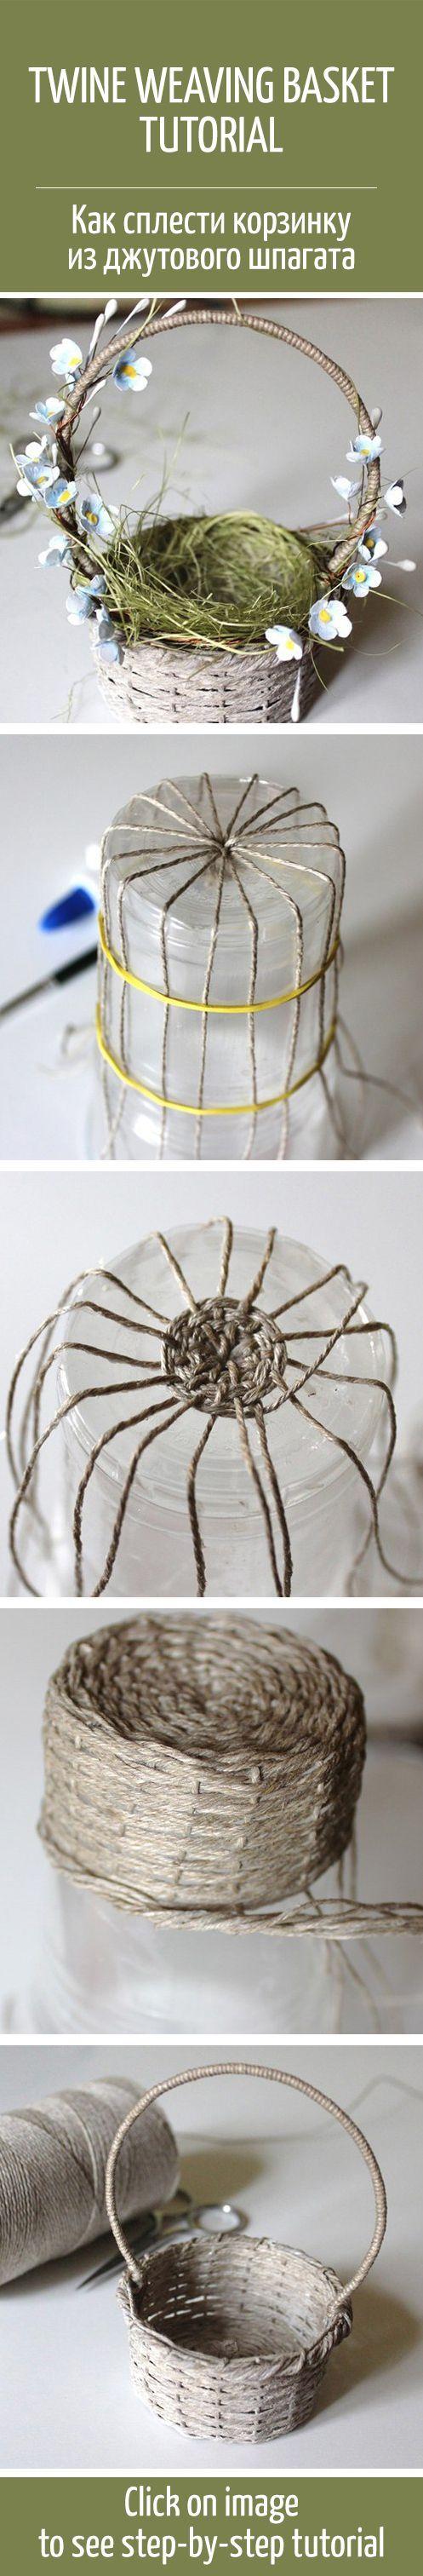 Handmade Baskets Tutorial : Twine weaving basket tutorial